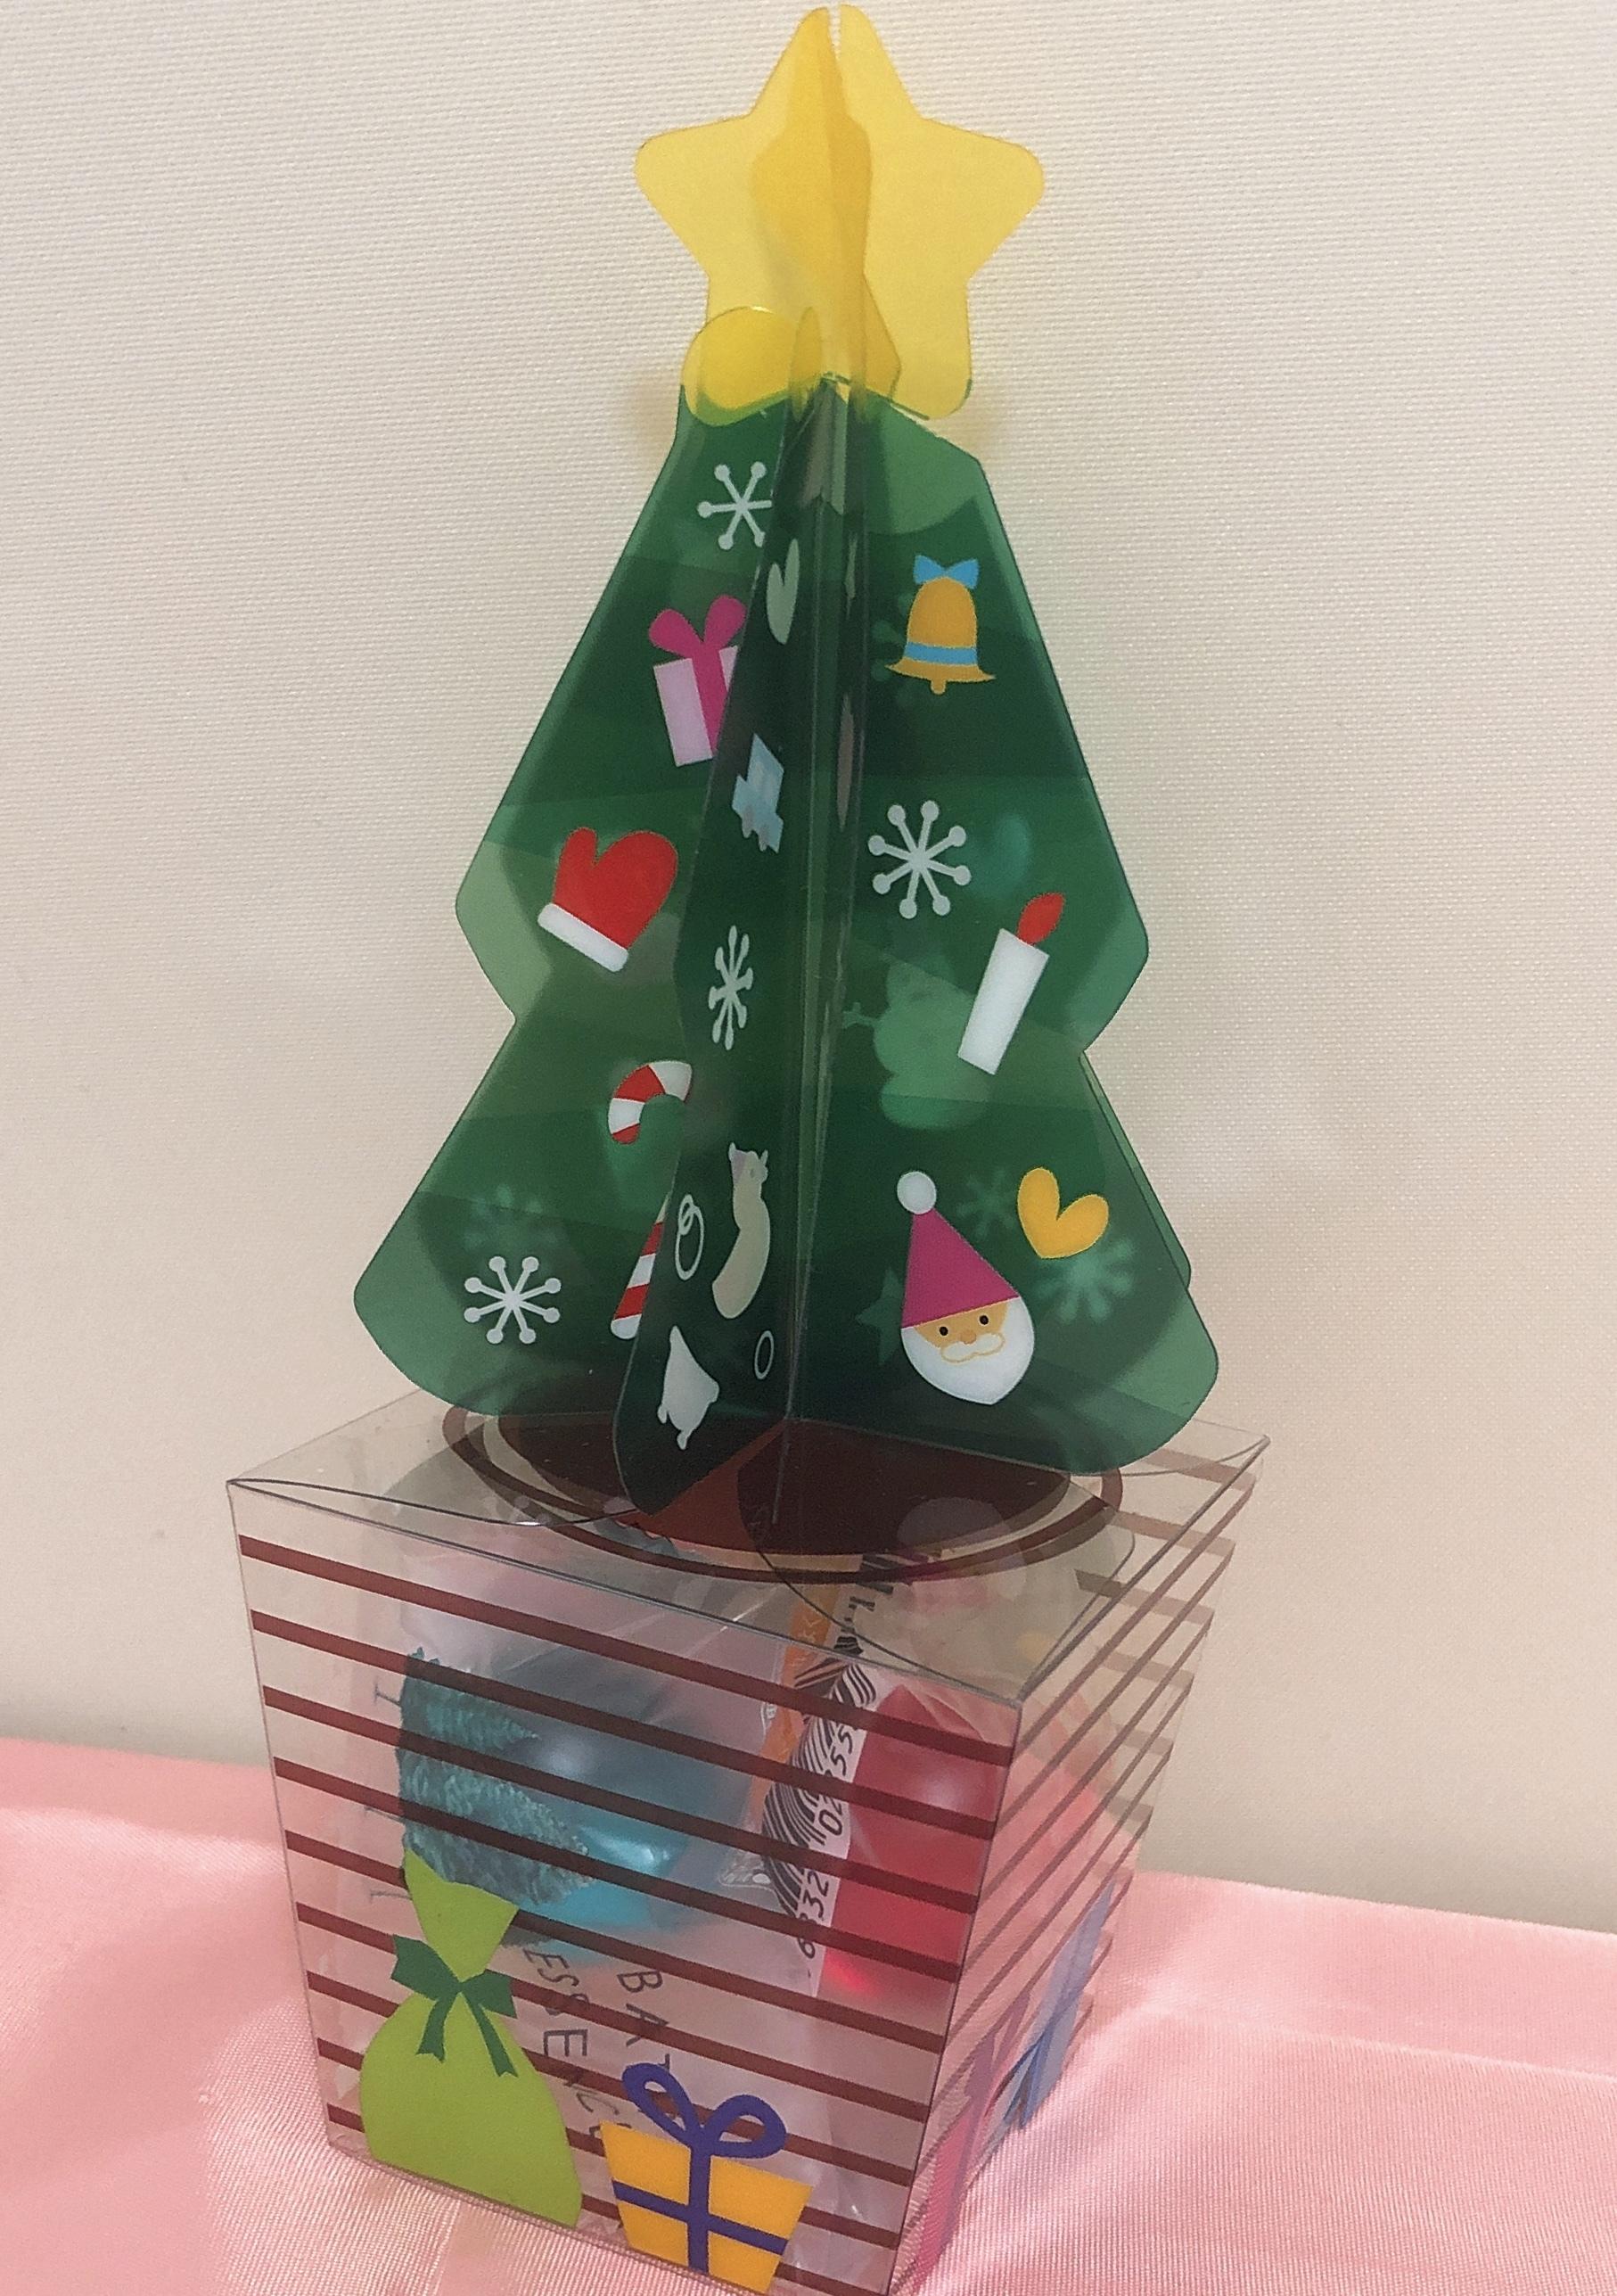 可愛すぎる雑貨やお菓子でクリスマスパーティーを楽しもう♡《PLAZA購入品》_1_8